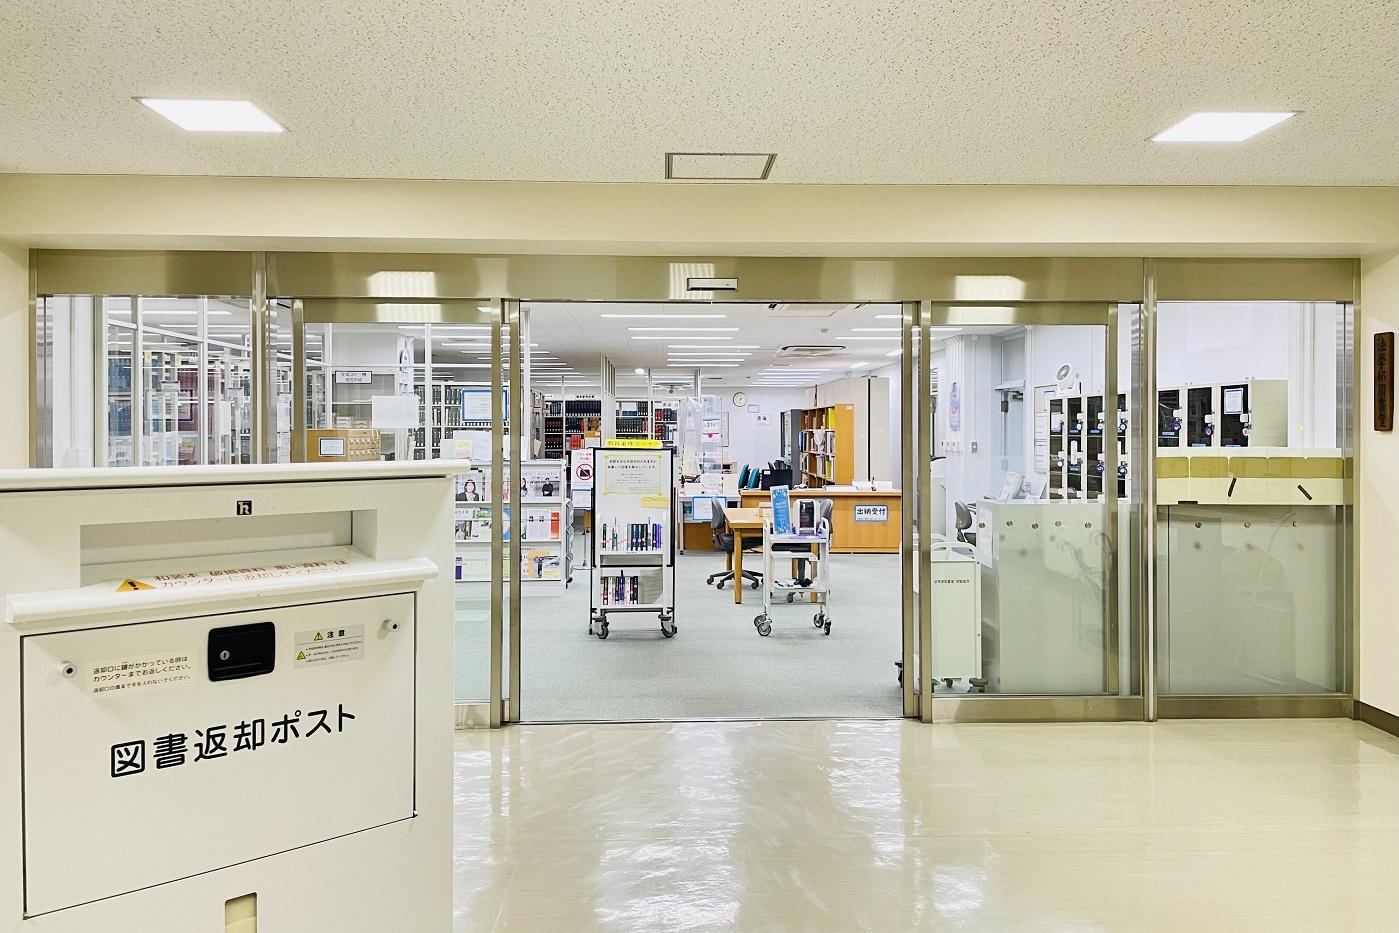 大学 図書館 京都